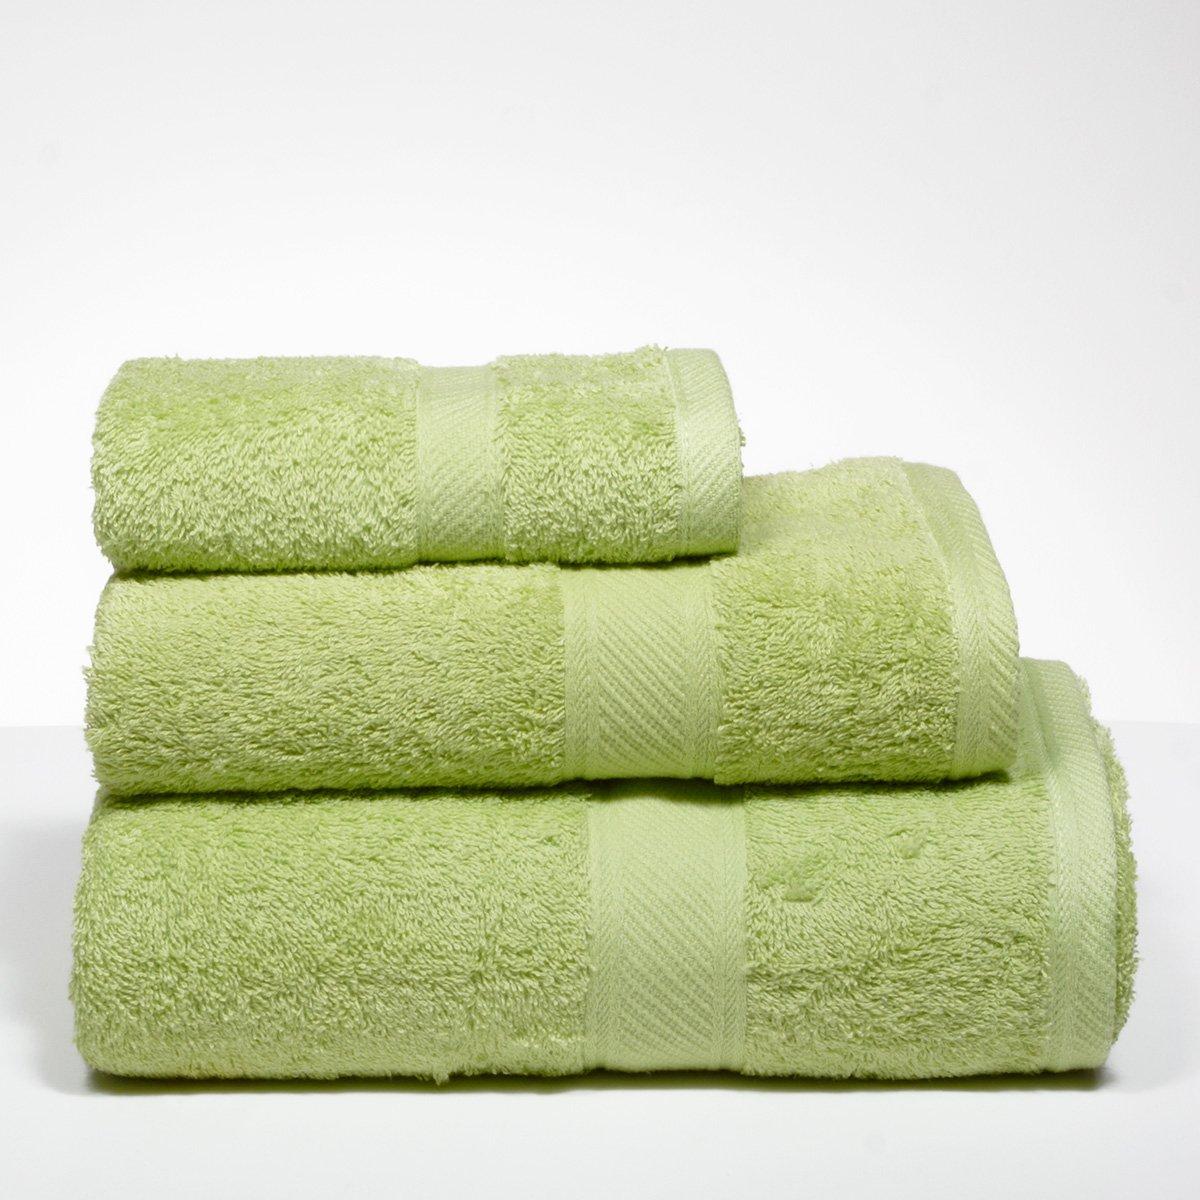 Sancarlos - Juegos de Toallas Lisos yanai Verde - 5 Piezas: 2 tocador, 2 Lavabo, 1 sábana baño - 3 Piezas: 1 tocador, 1 Lavabo, 1 Ducha - 100% algodón: ...